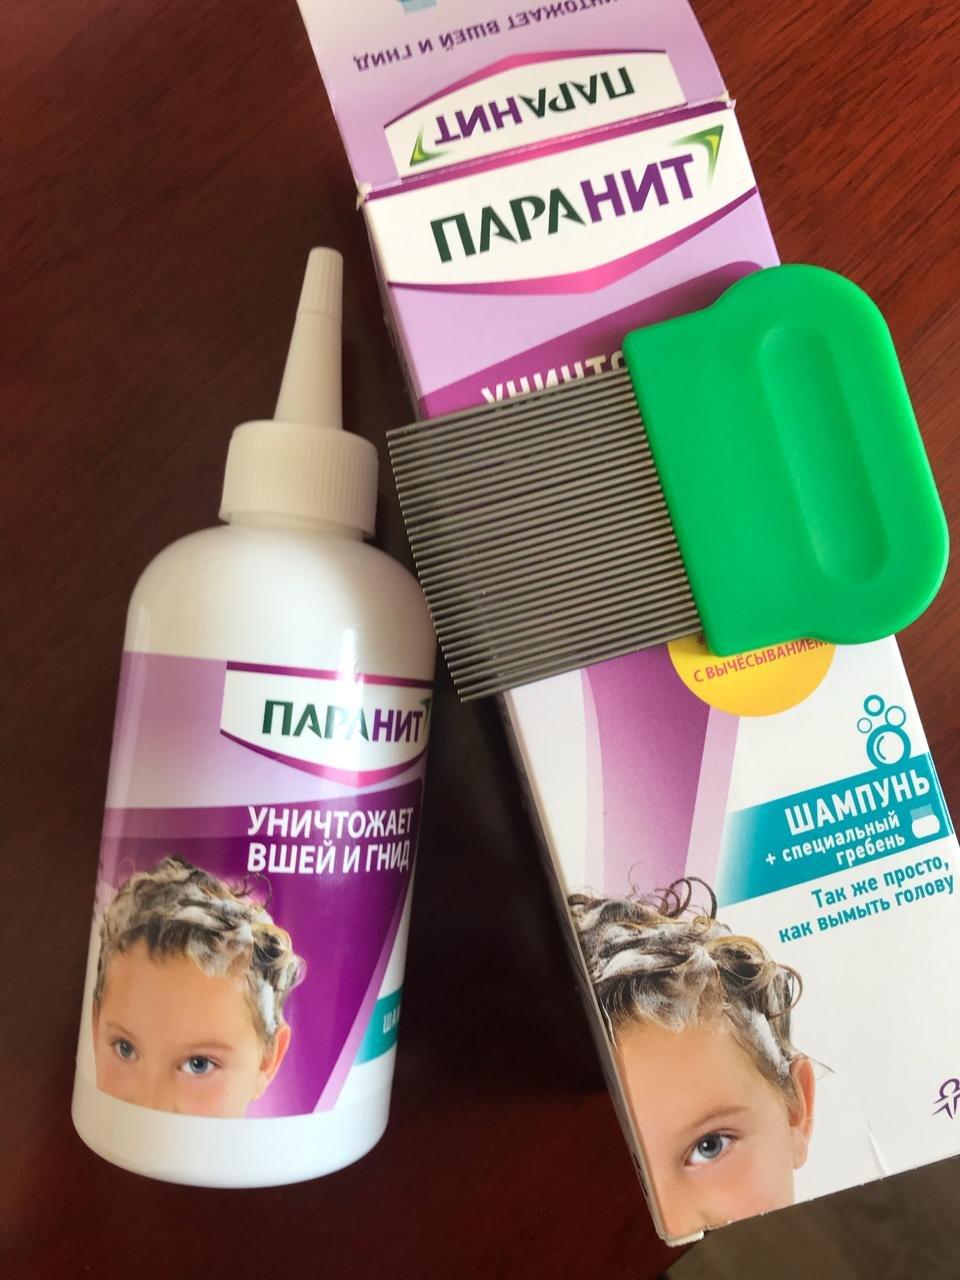 Эффективные средства от вшей и гнид в украине - цены и отзывы